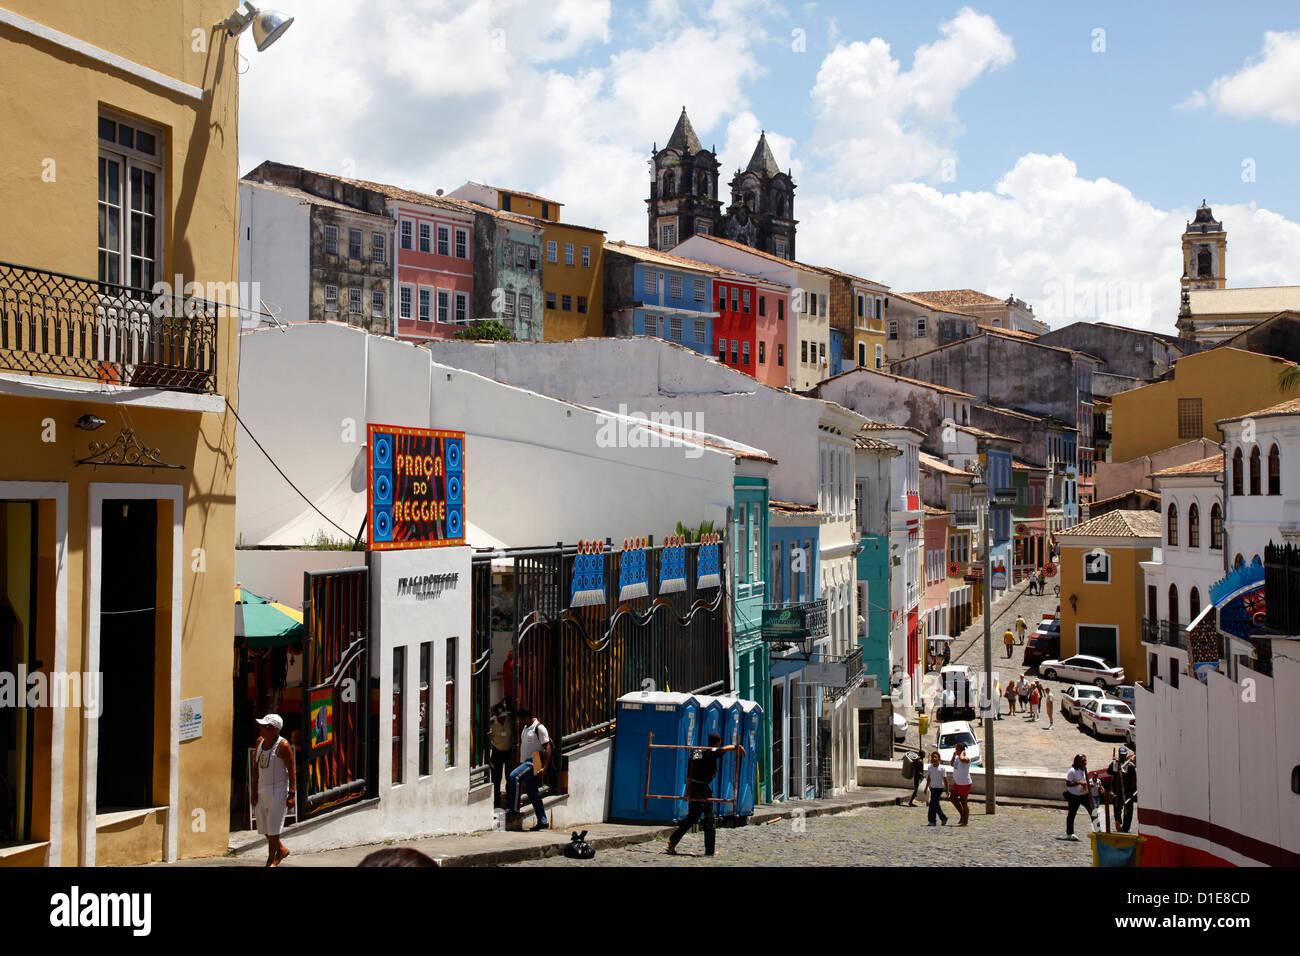 Cobbled streets and colonial architecture, Largo de Pelourinho, Salvador, Bahia, Brazil, South America - Stock Image